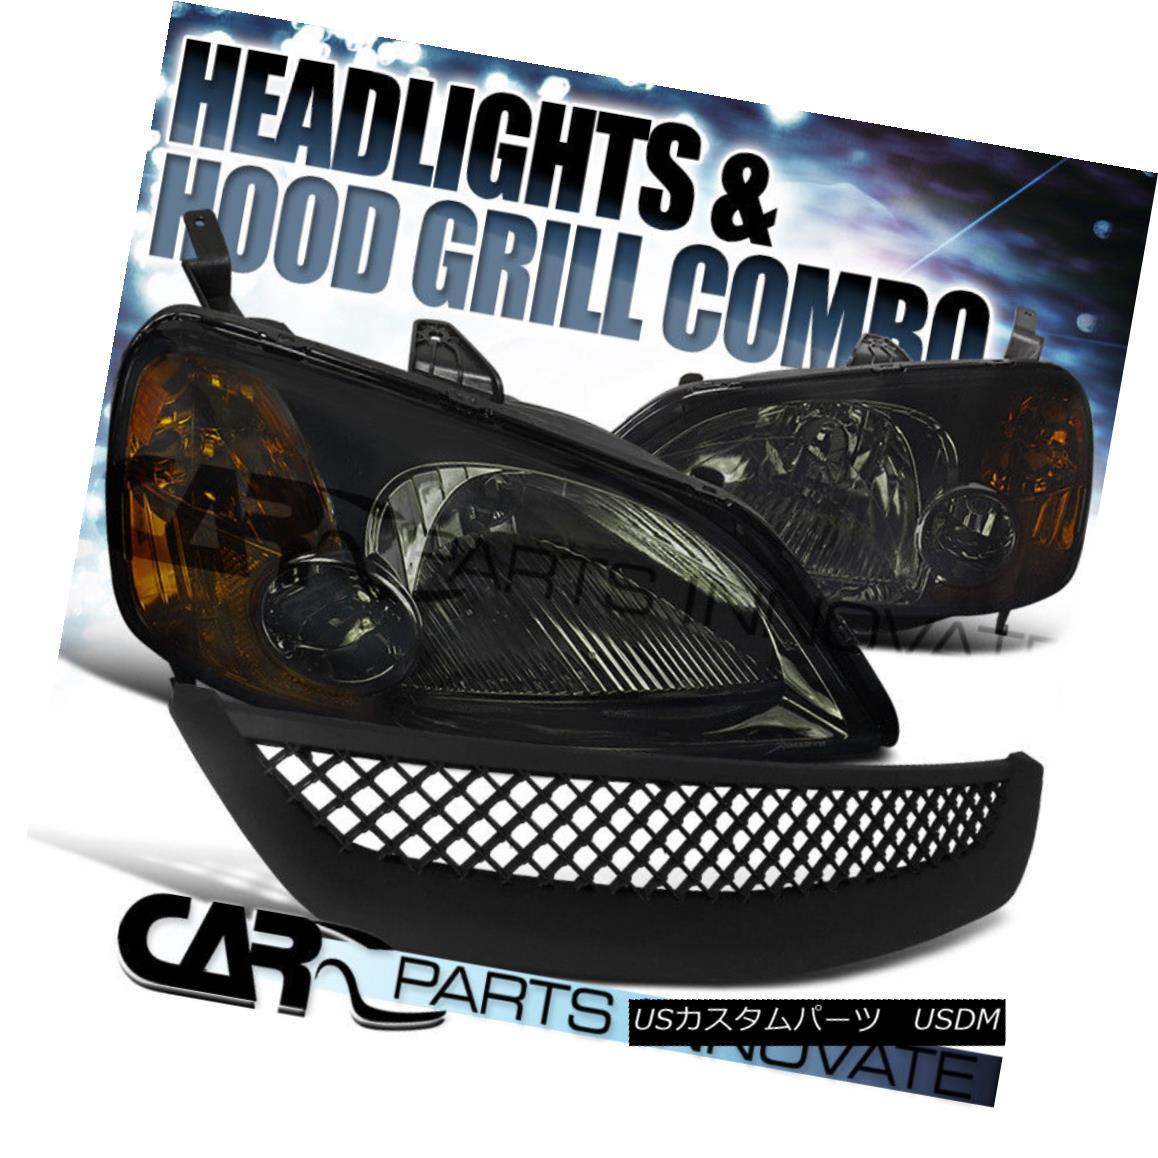 グリル For 01-03 Civic EM ES 2/4Dr Smoke Crystal Headlight+ABS Type Mesh Hood Grille R 01-03 Civic EM ES 2 / 4Drスモーククリスタルヘッドライト+ ABSタイプメッシュフードグリルR